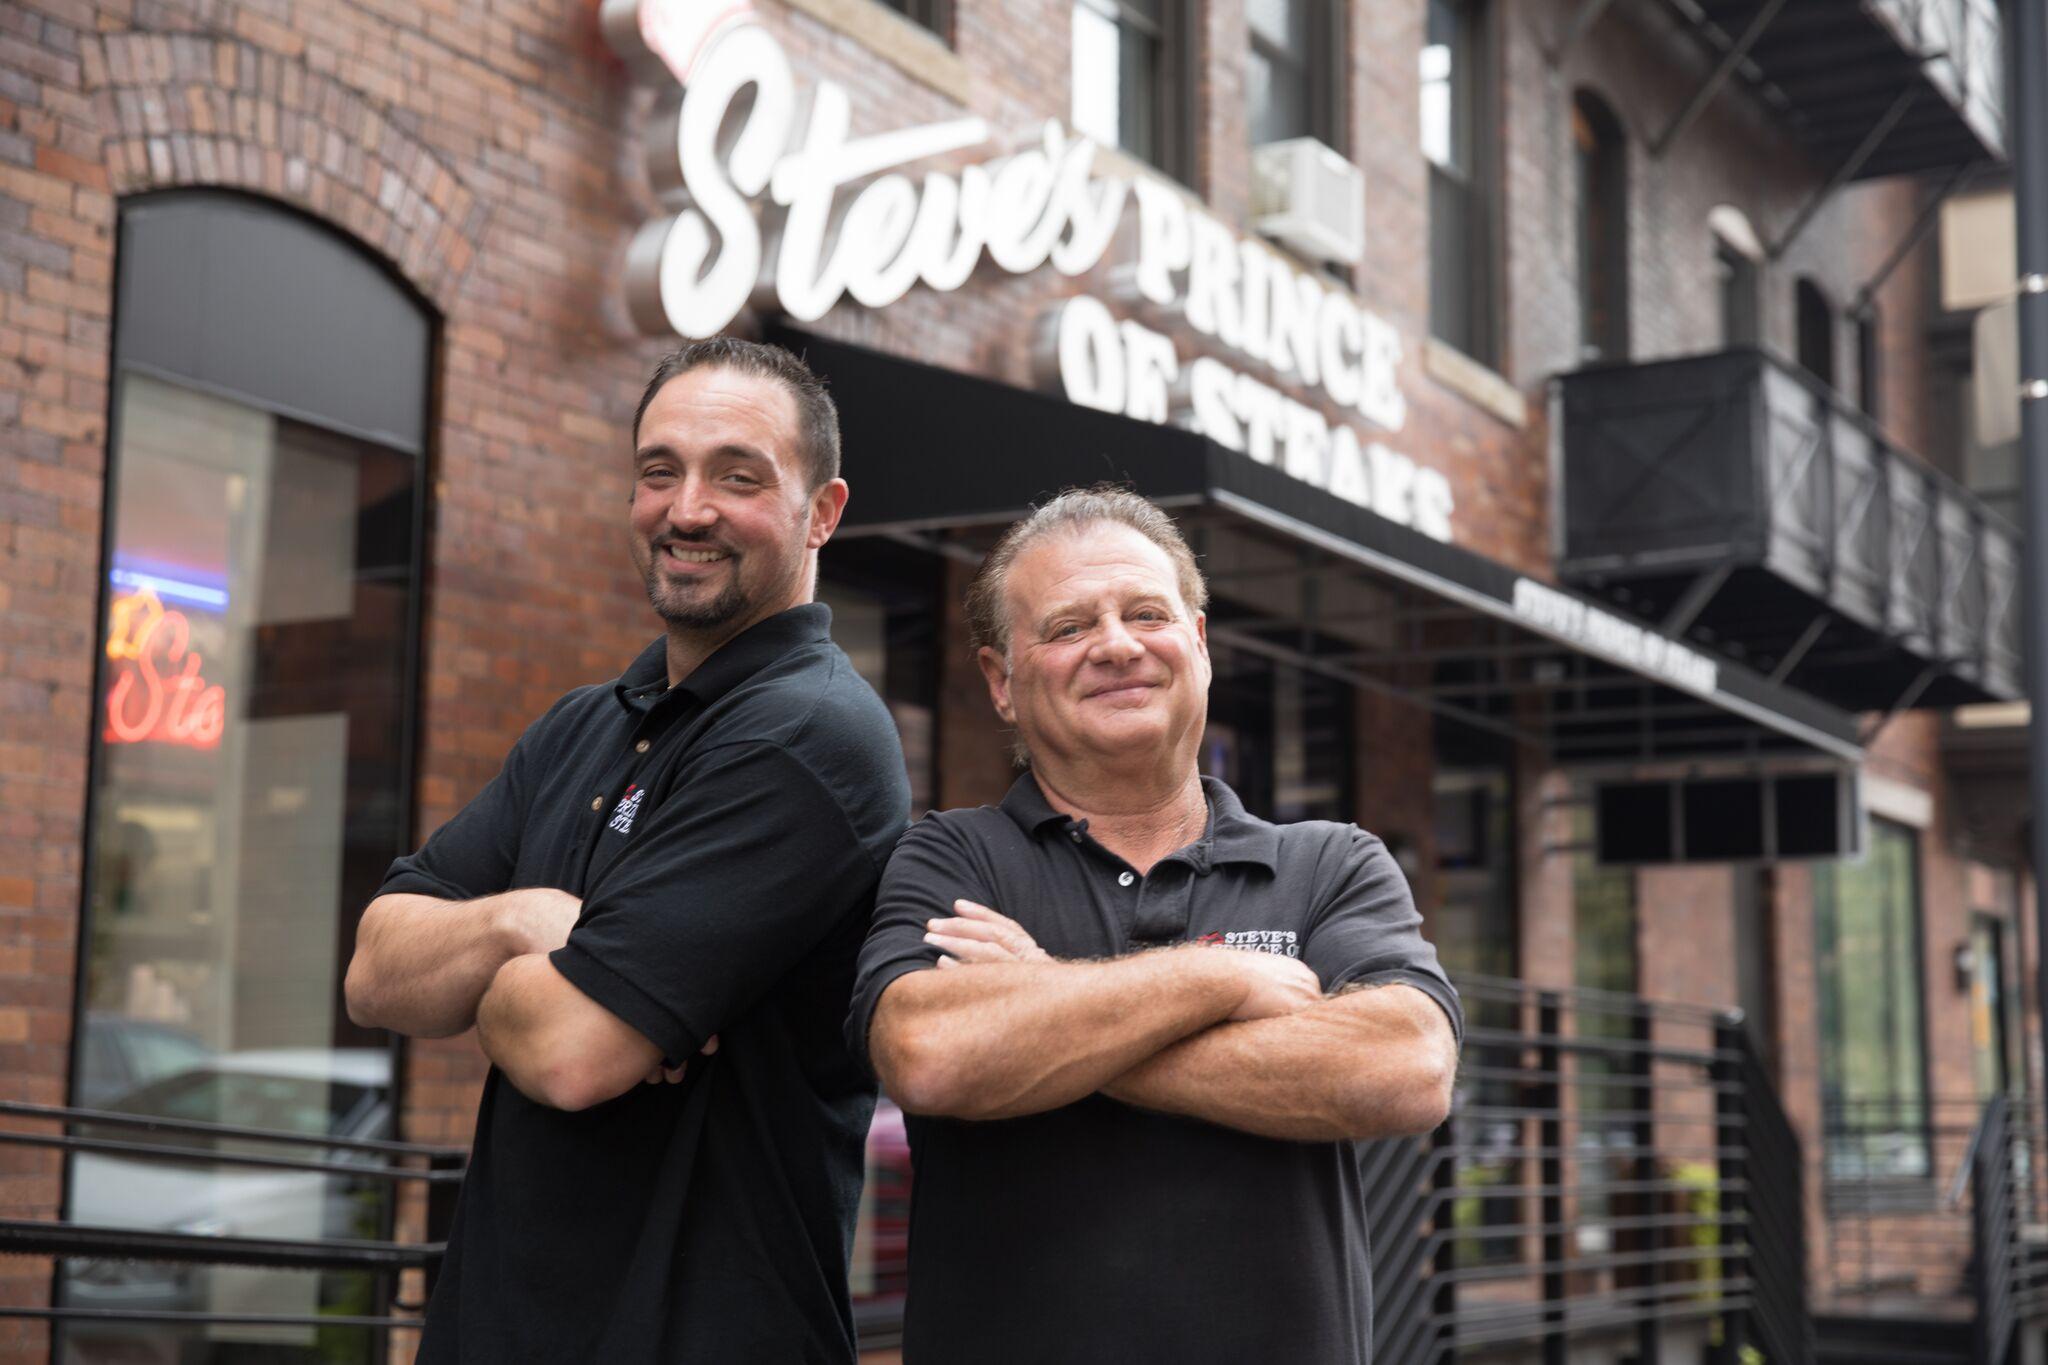 Jason Magowan (left) and Steve Iliescu (right)